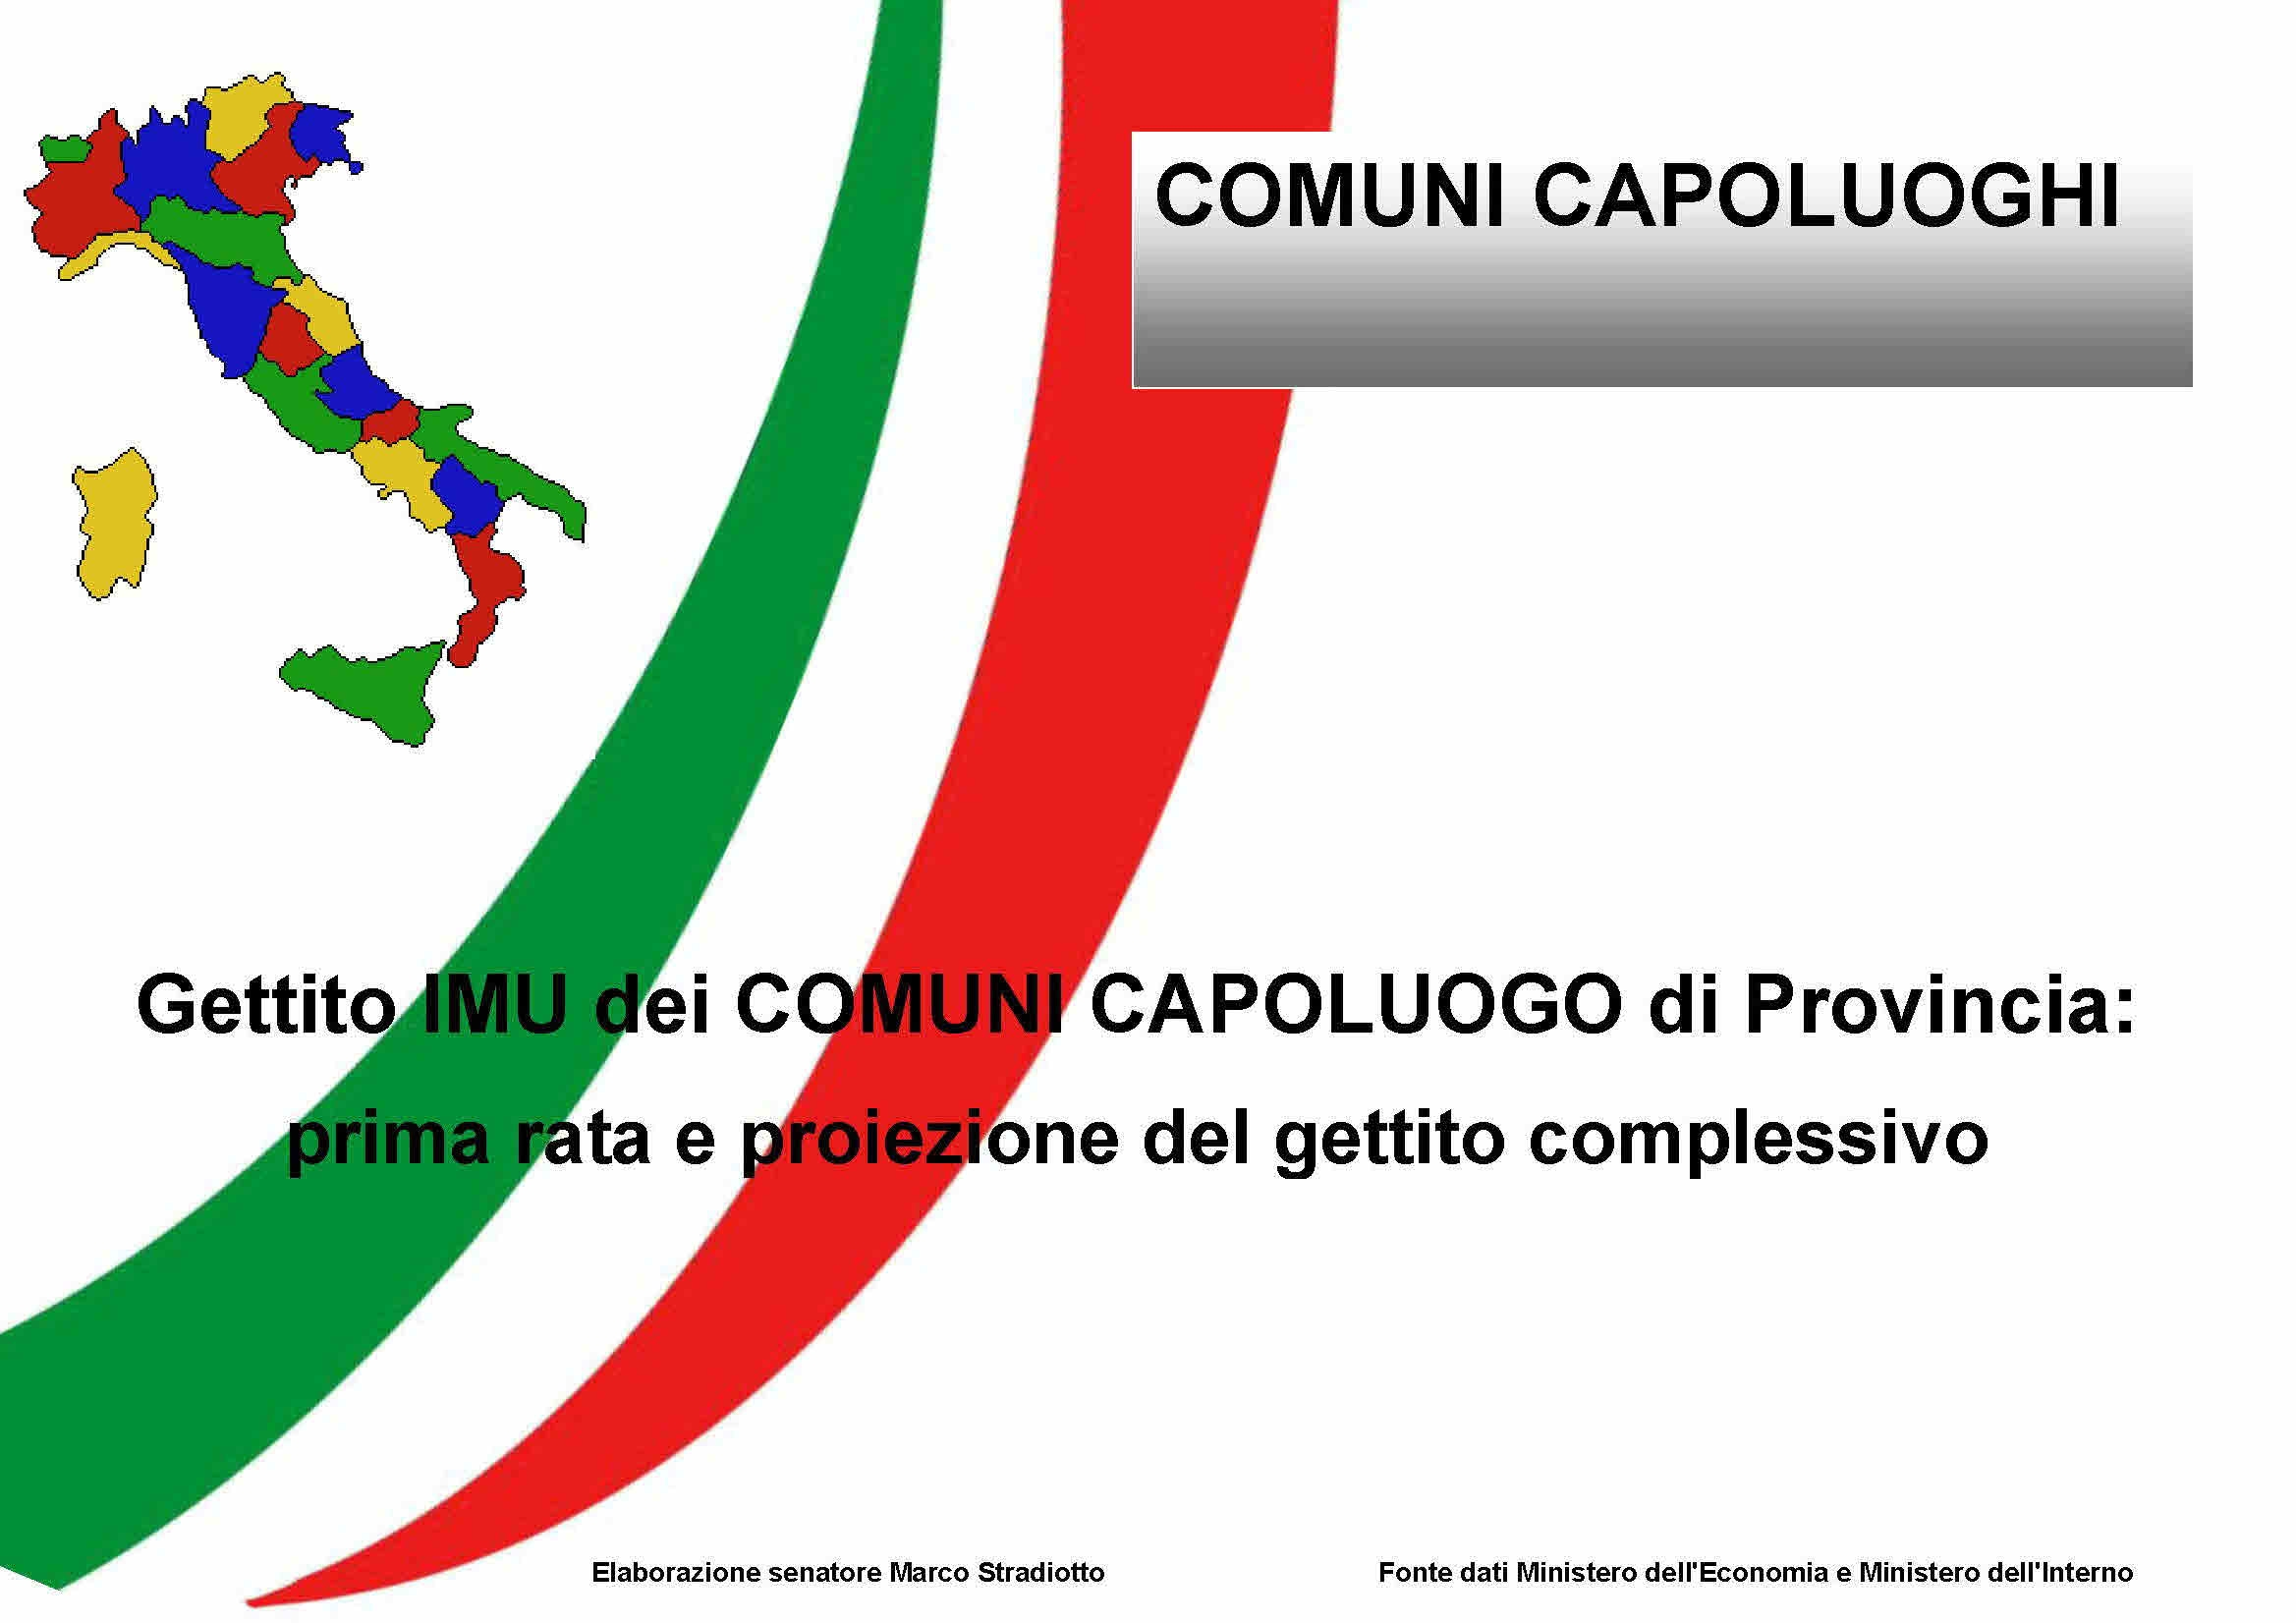 Gettito IMU nei comuni capoluogo di Provincia: i dati della prima rata e le proiezioni del gettito 2012